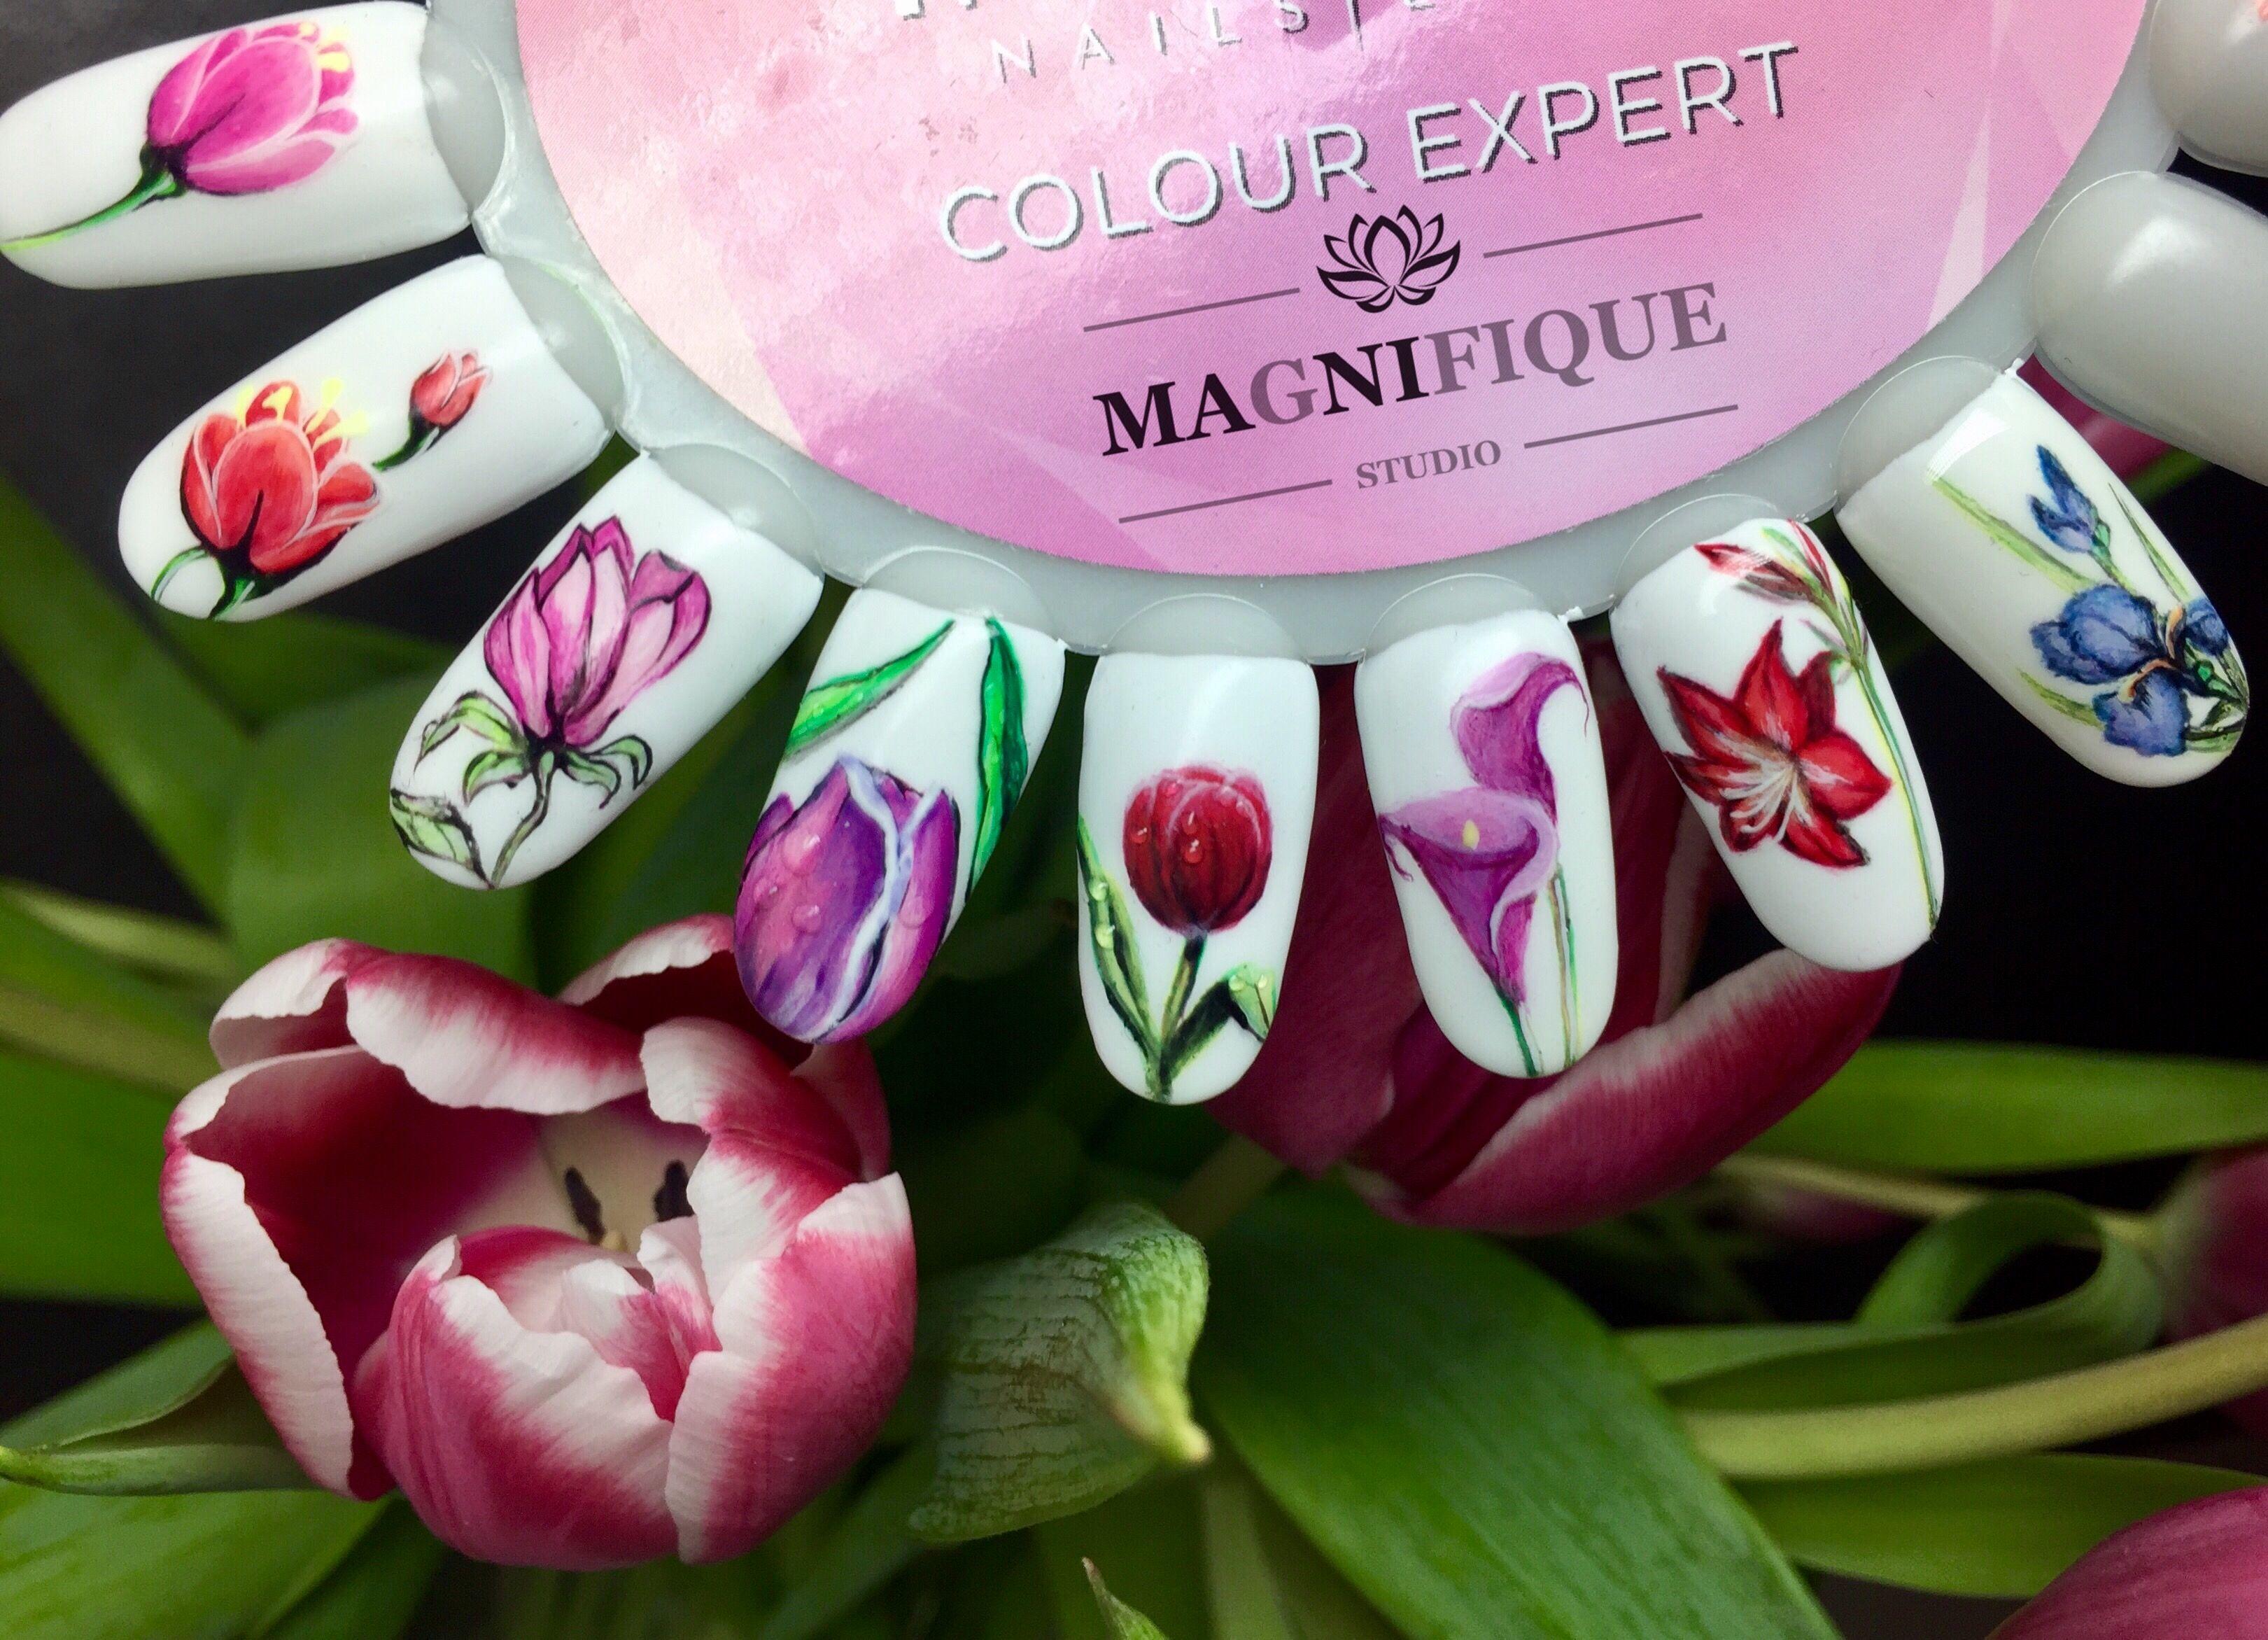 Wzornik Indigo nails. Micro painting flowers kwiaty na paznokciach ...